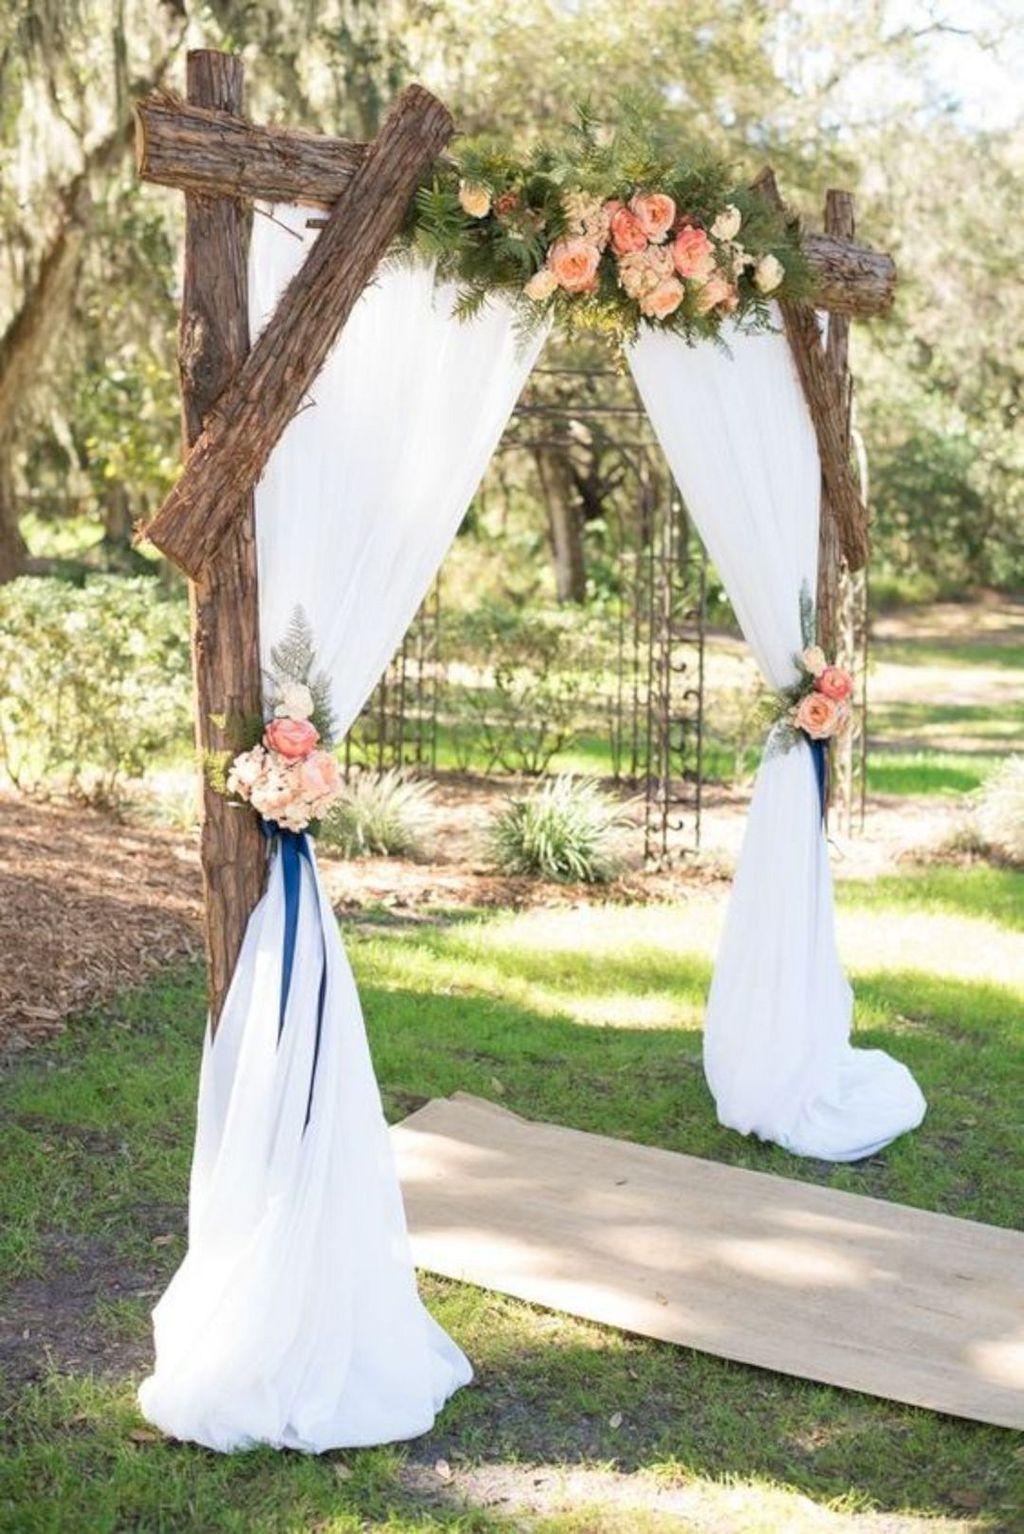 20+ Newest Backyard Wedding Decor Ideas - COODECOR | Wedding arch rustic,  Outdoor wedding decorations, Wedding arch